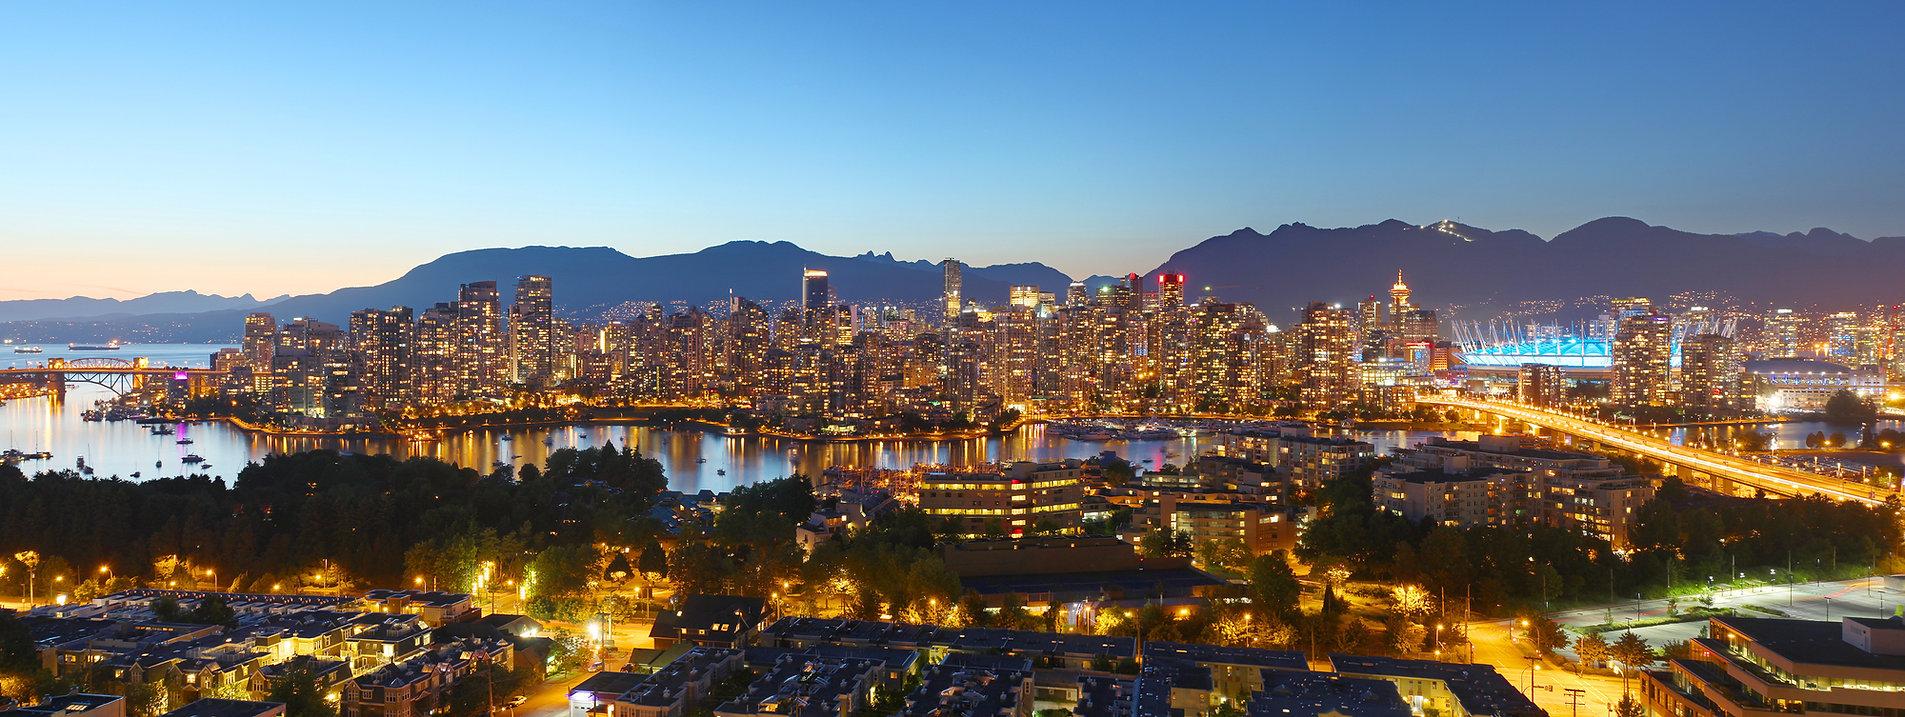 Hire a Private Investigator in Vancouver